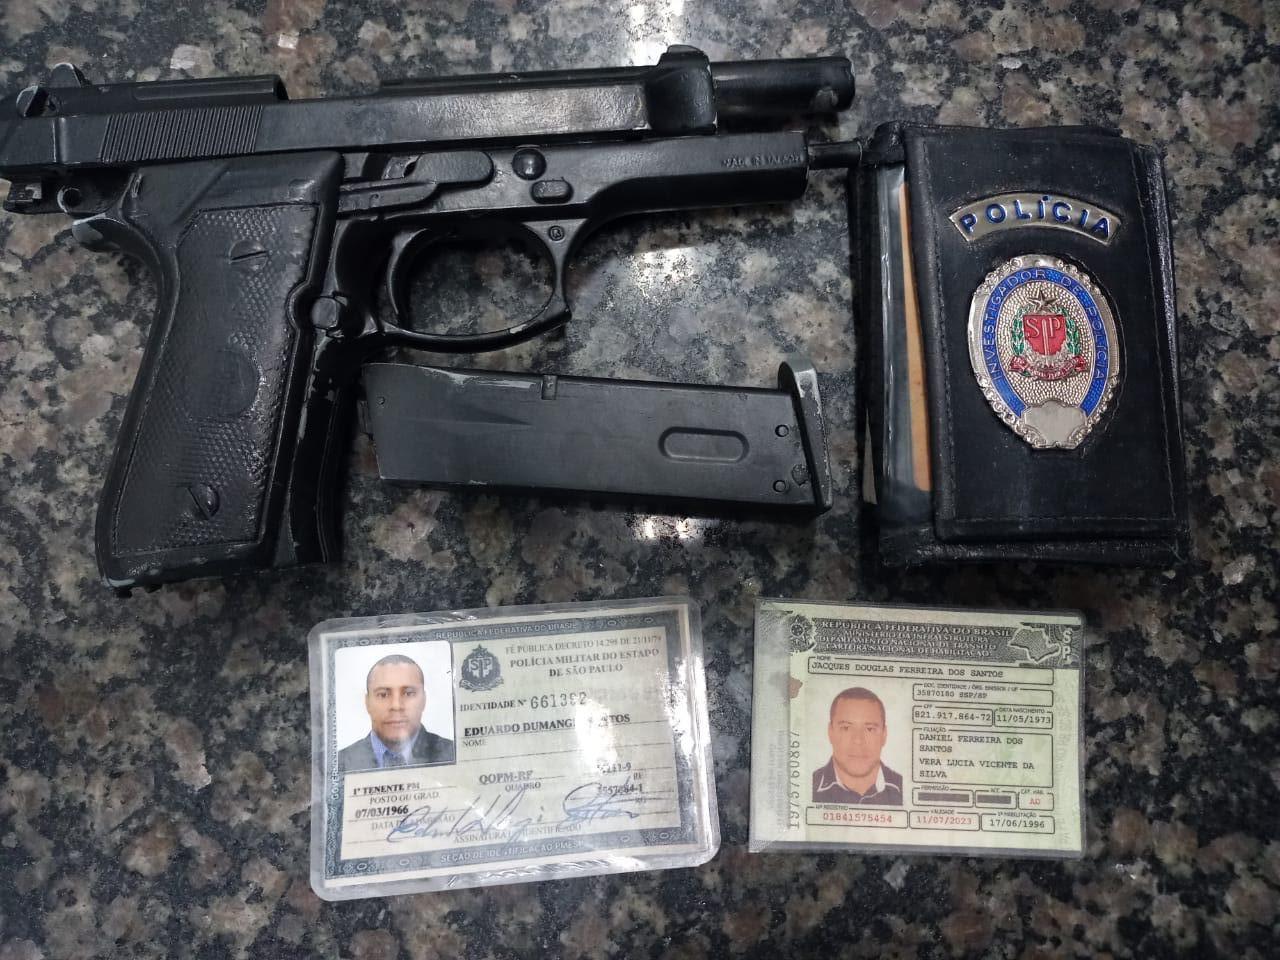 Vigilante que se passava por oficial da PM paulista é preso portando simulacro de pistola e identidade militar falsificada em Salitre. Foto: Redes sociais